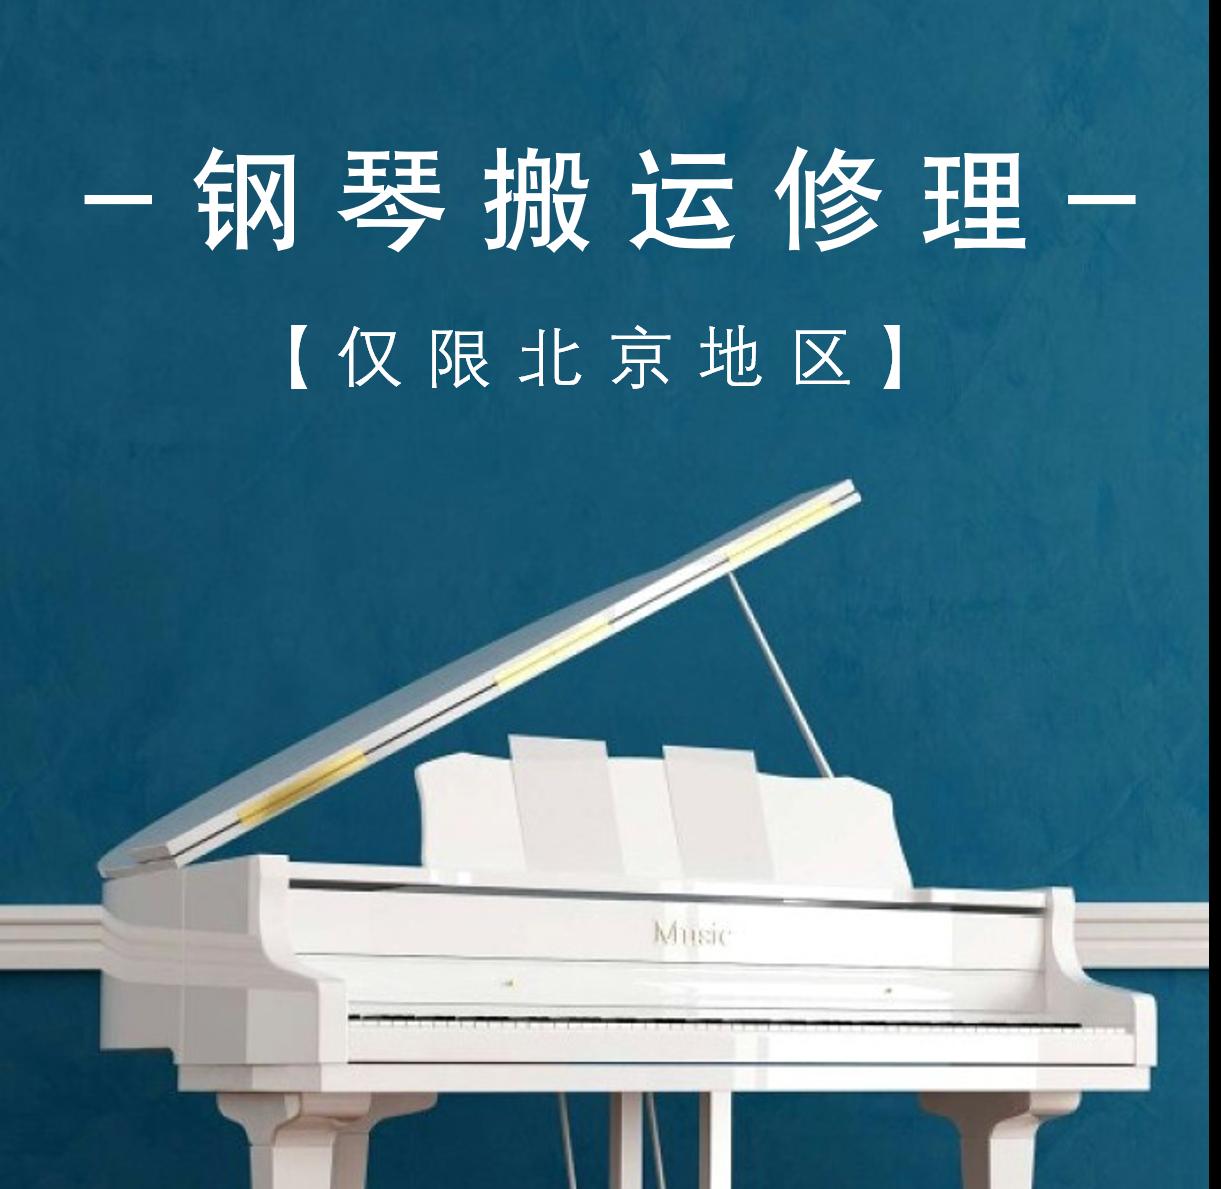 北京调音调律,钢琴调音,钢琴调律师,钢琴调音师,钢琴调琴师